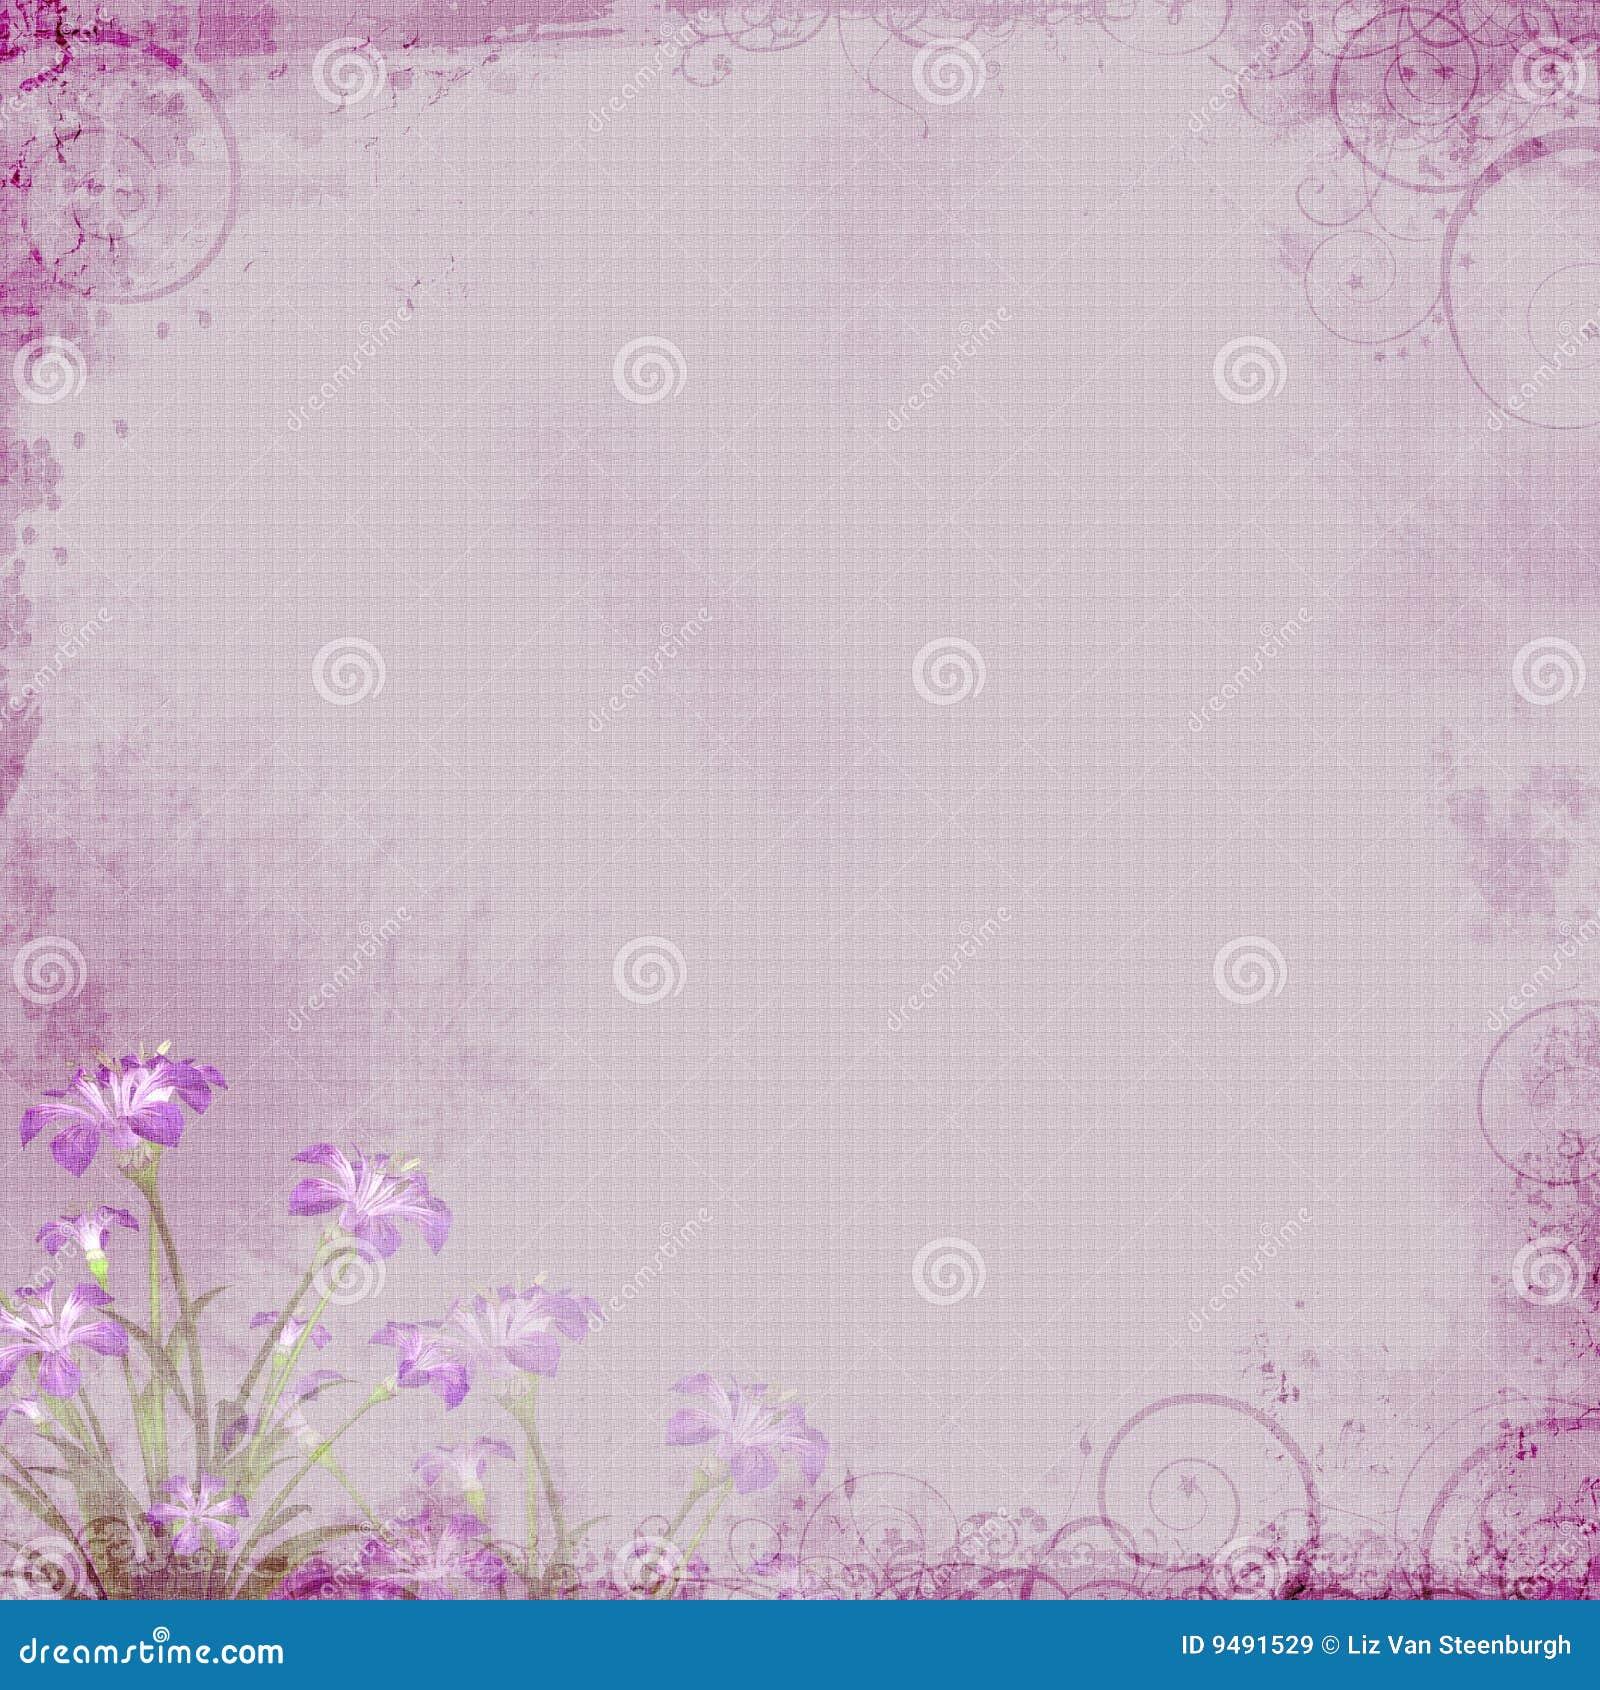 lavender floral background stock illustration  image of purple